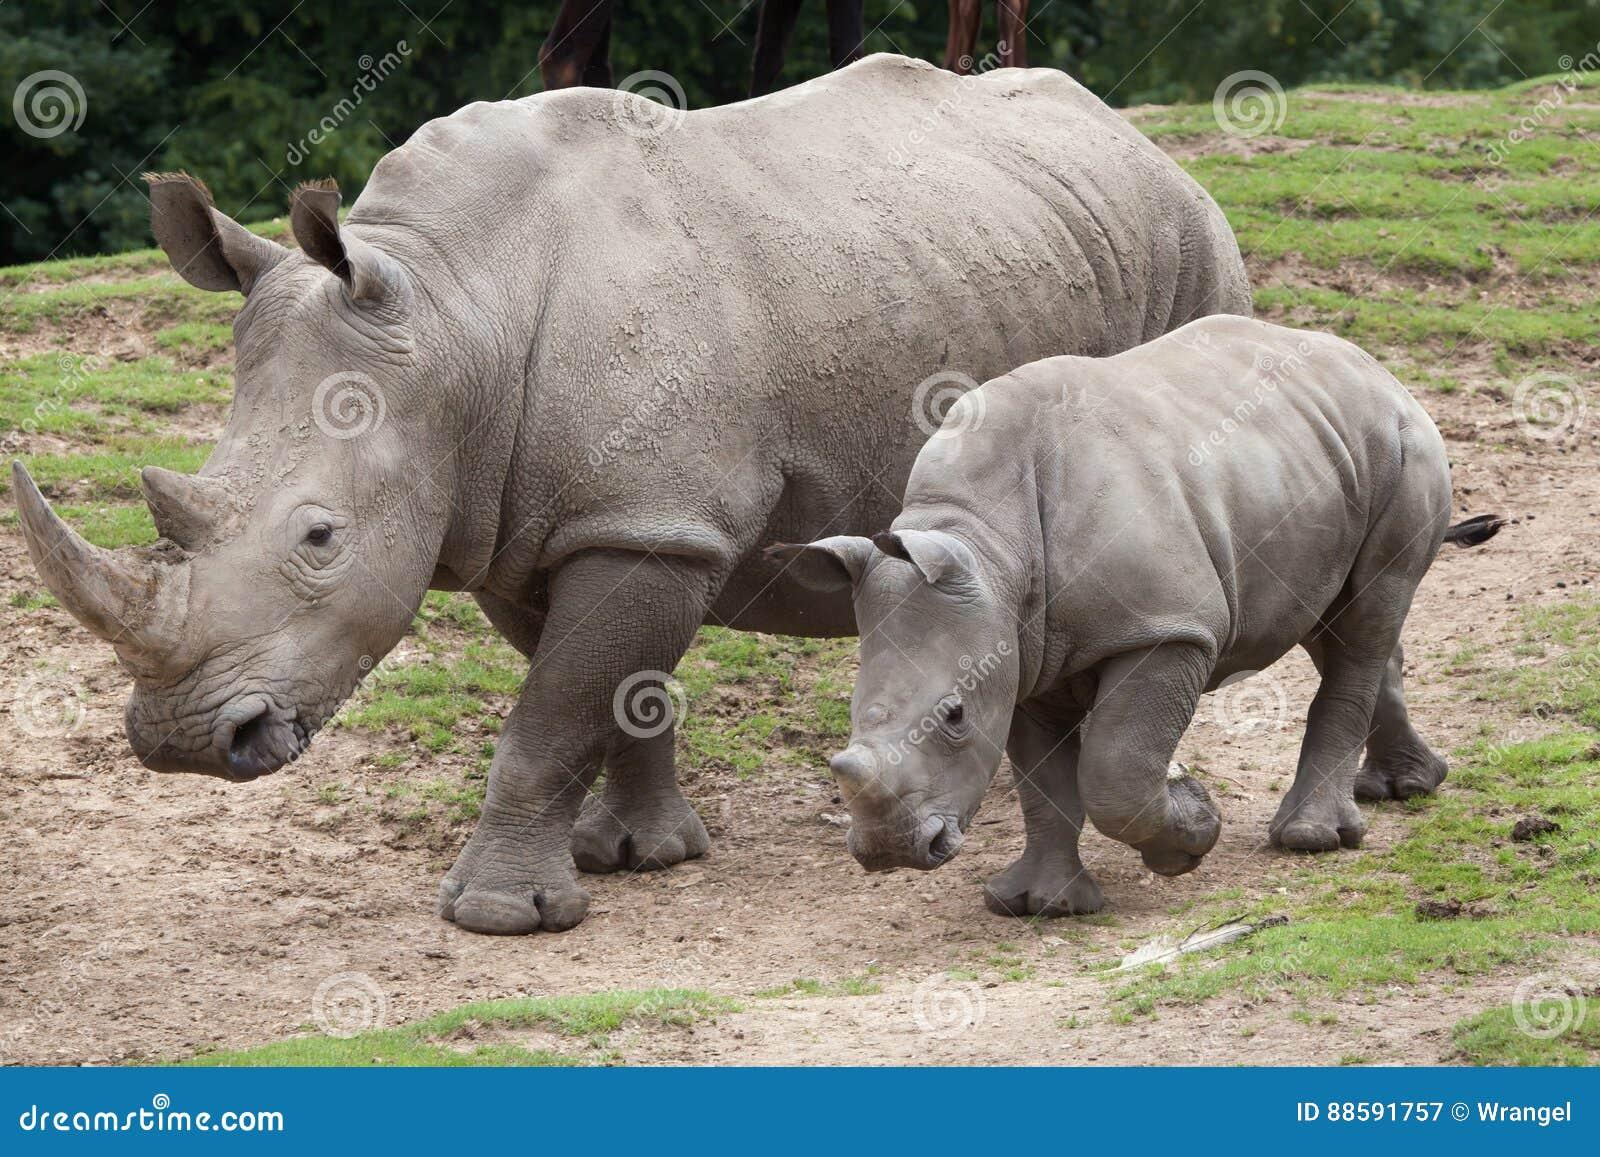 Southern white rhinoceros Ceratotherium simum.